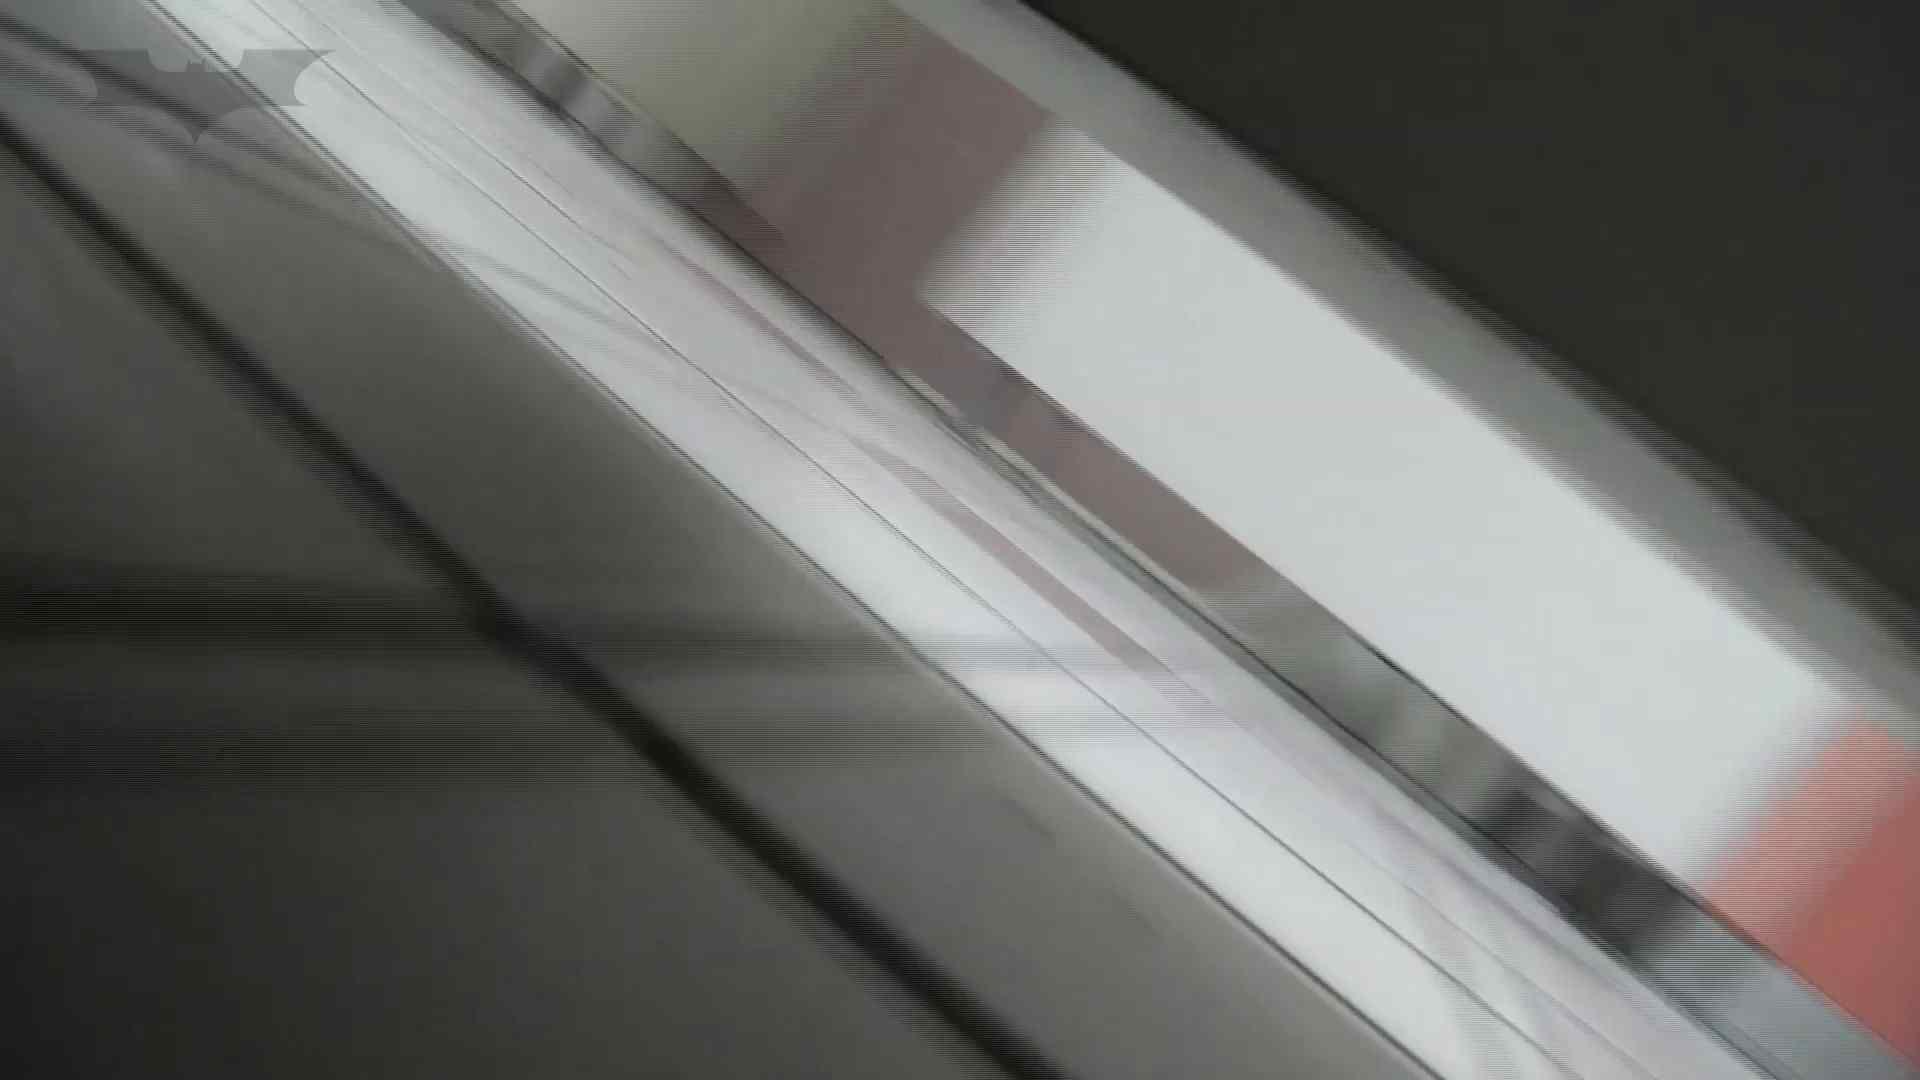 美しい日本の未来 No.31 新しいアングルに挑戦 ギャルの実態   盗撮  67pic 52